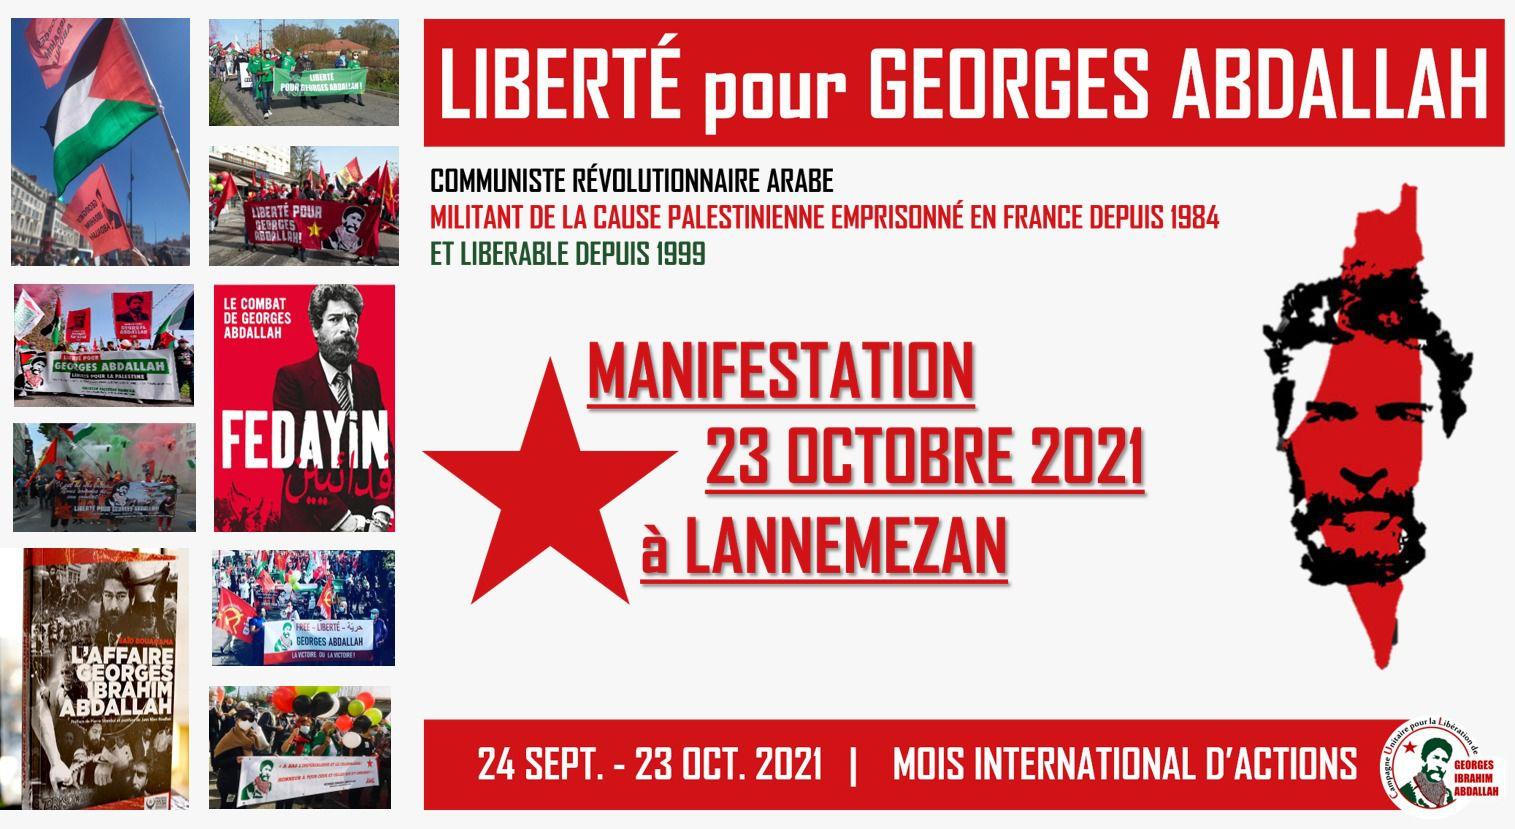 Feyadin - Le combat de Georges Abdallah - le 6 octobre aux Studios à Brest à 20h, suivi d'un débat avec les réalisateurs du collectif Vacarmes